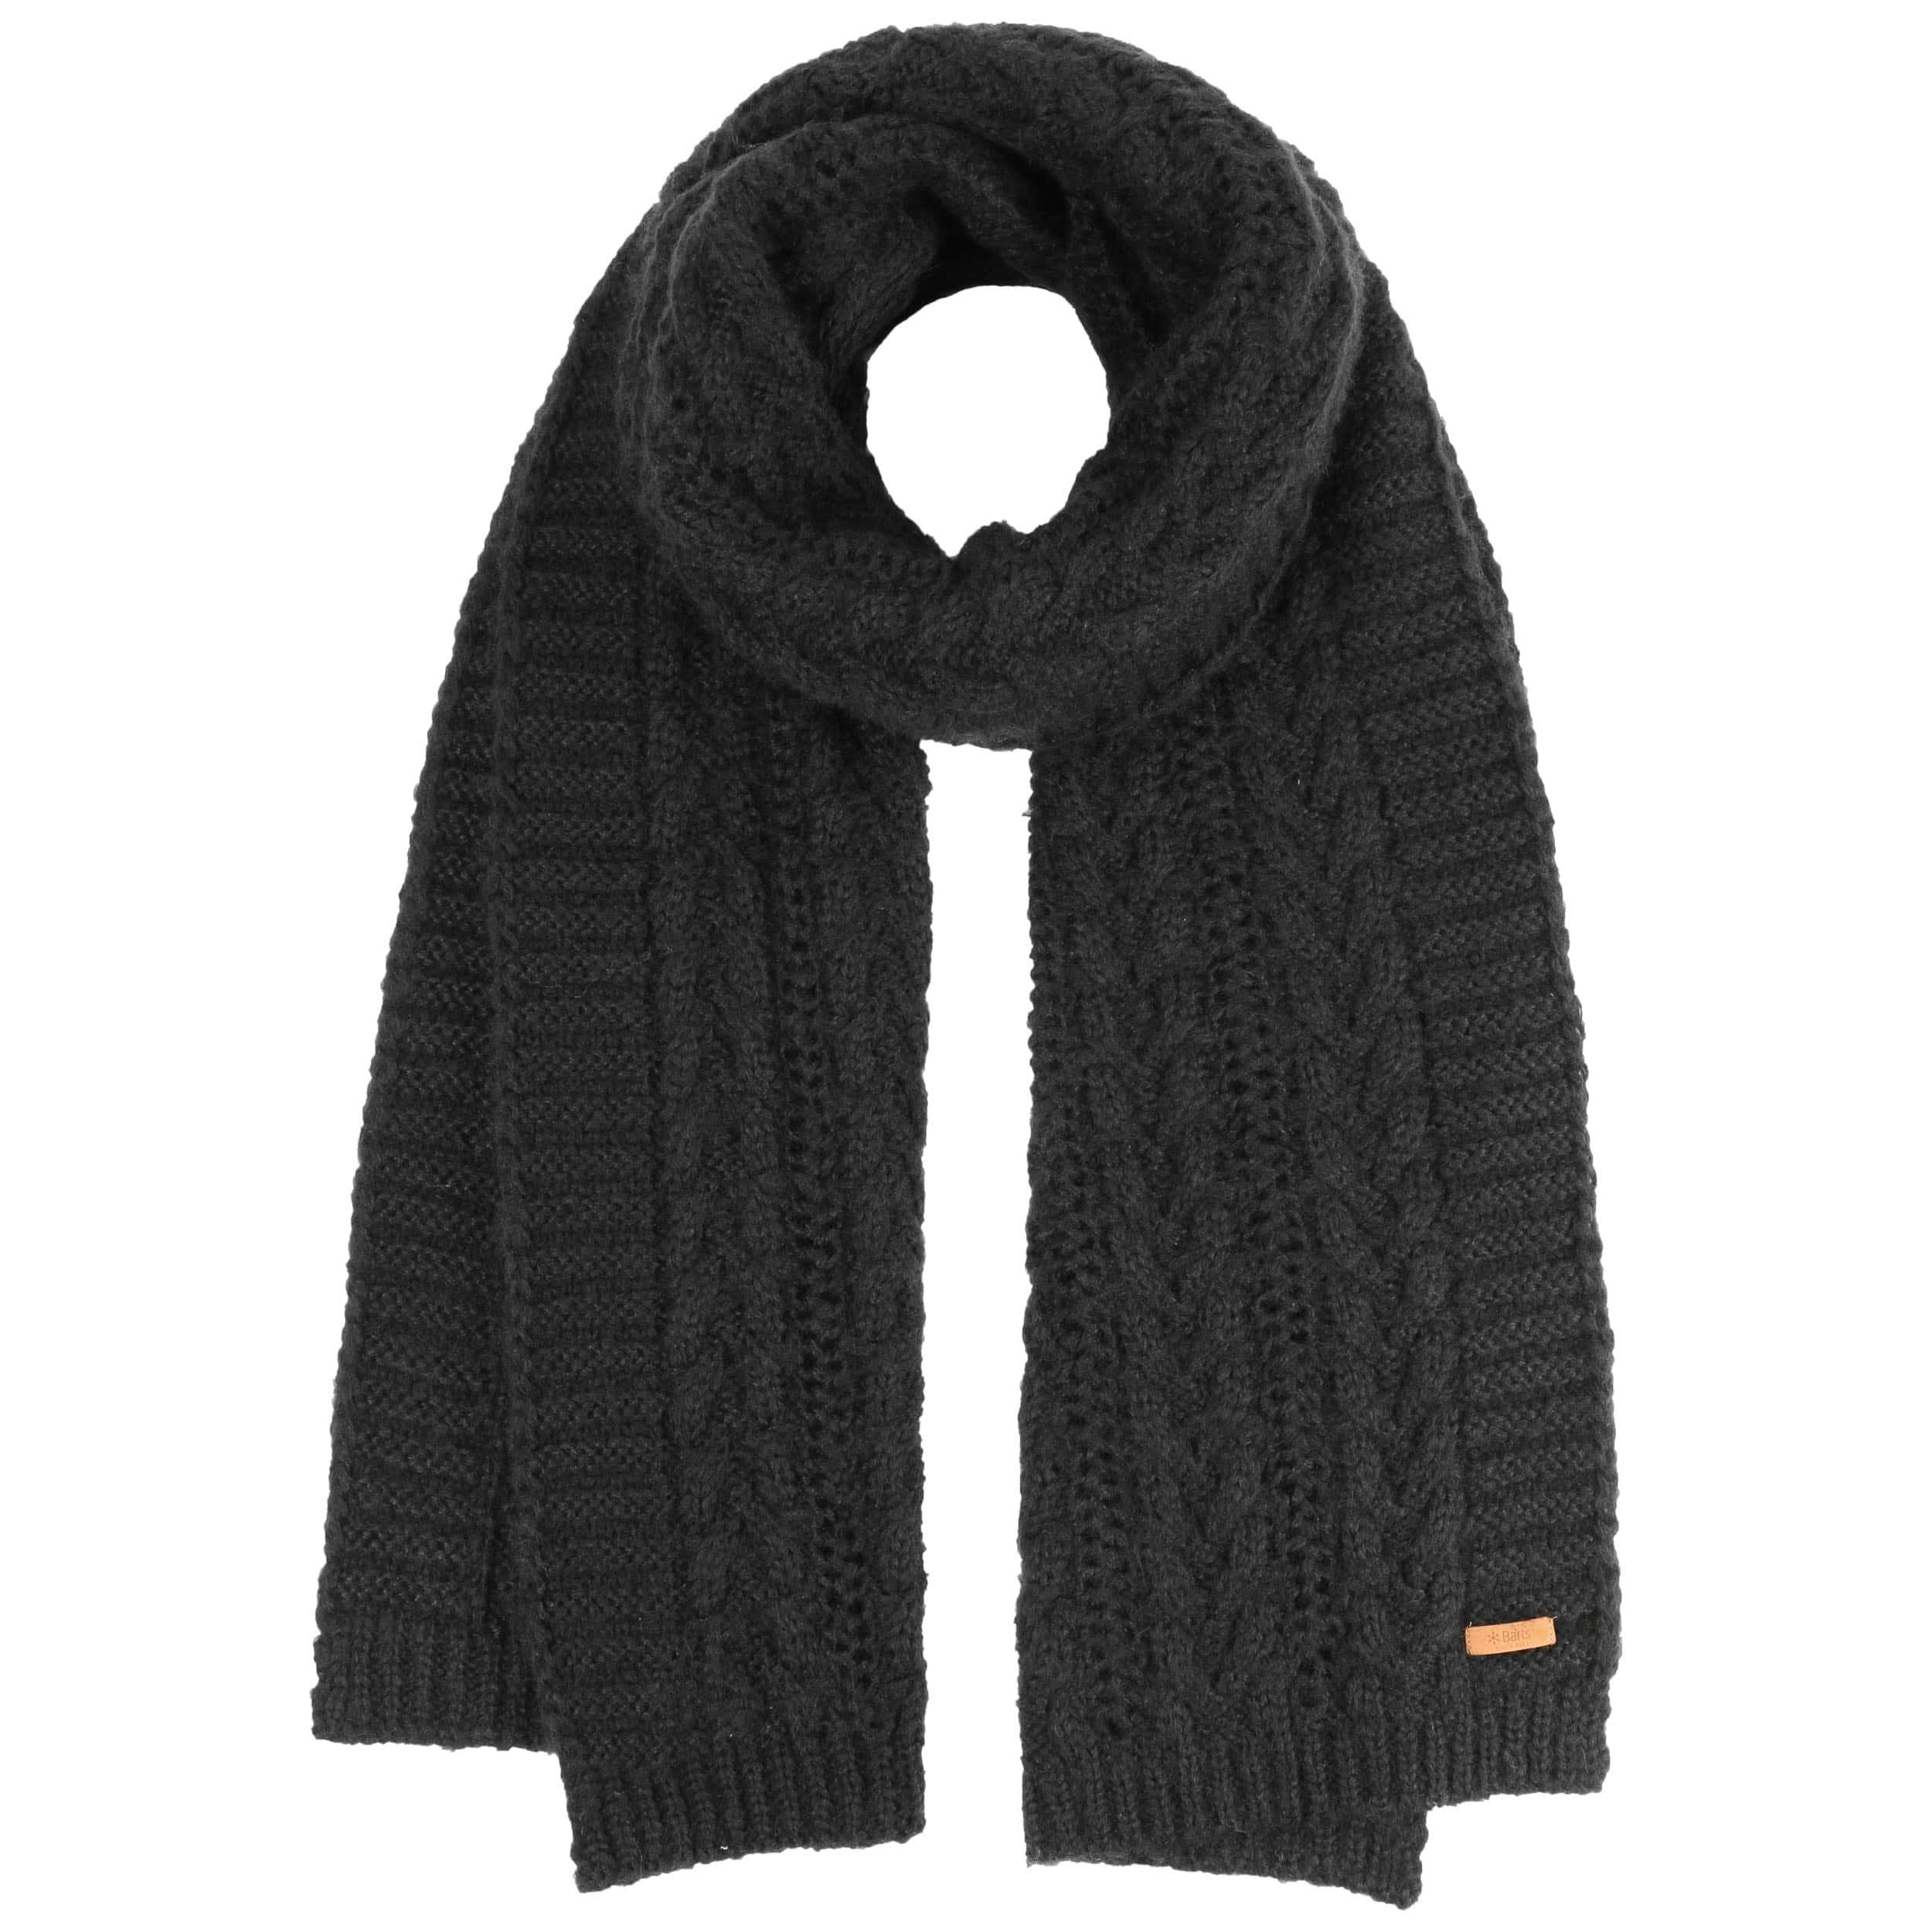 anemone gebreide sjaalbarts, eur 39,99 --> hoeden & mutsen